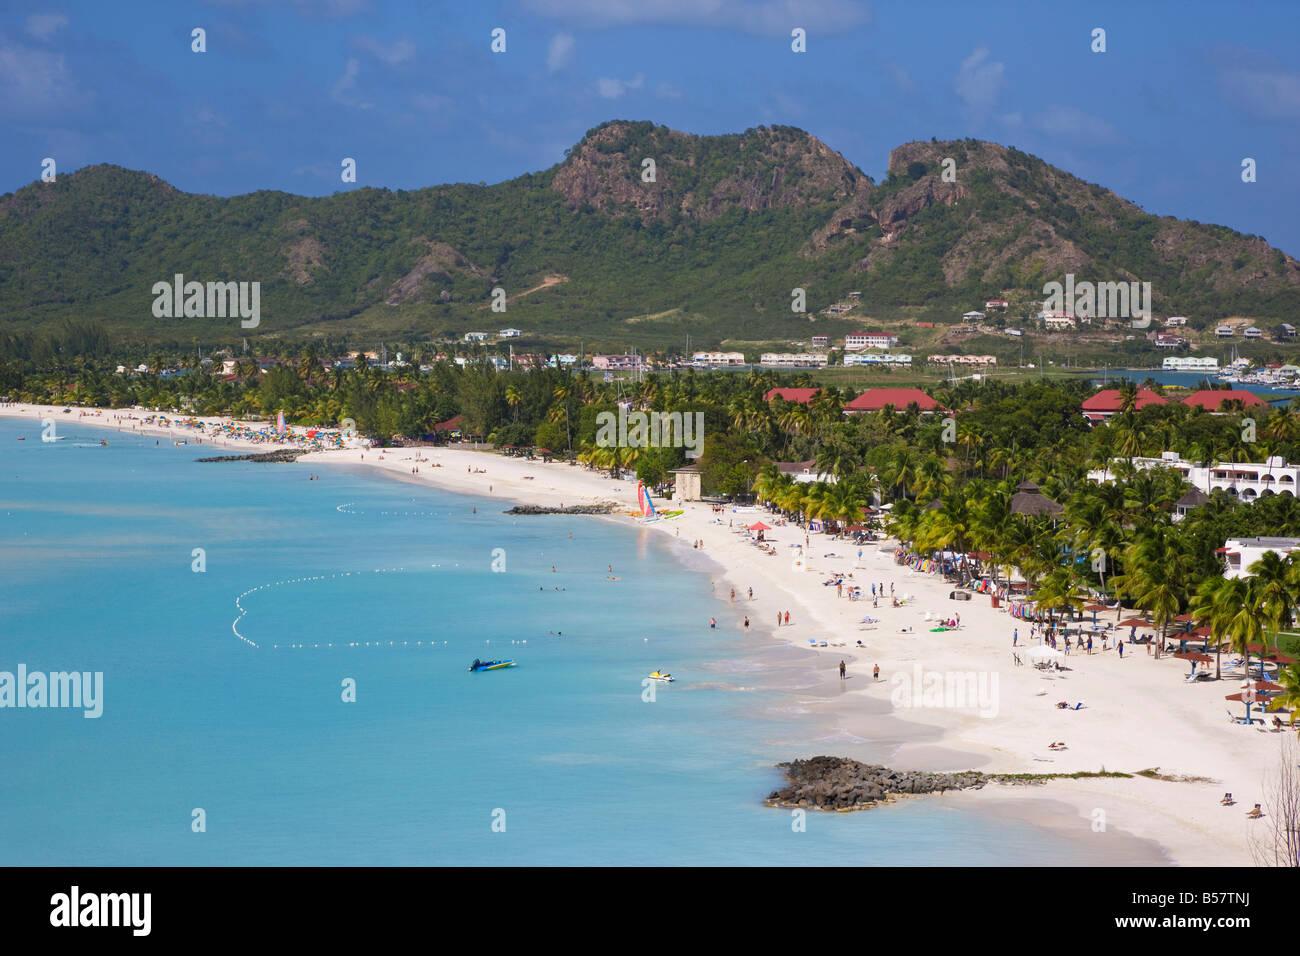 Vue sur élevée et de Jolly Harbour, Antigua Jolly Beach, les îles sous le vent, Antilles, Caraïbes, Photo Stock